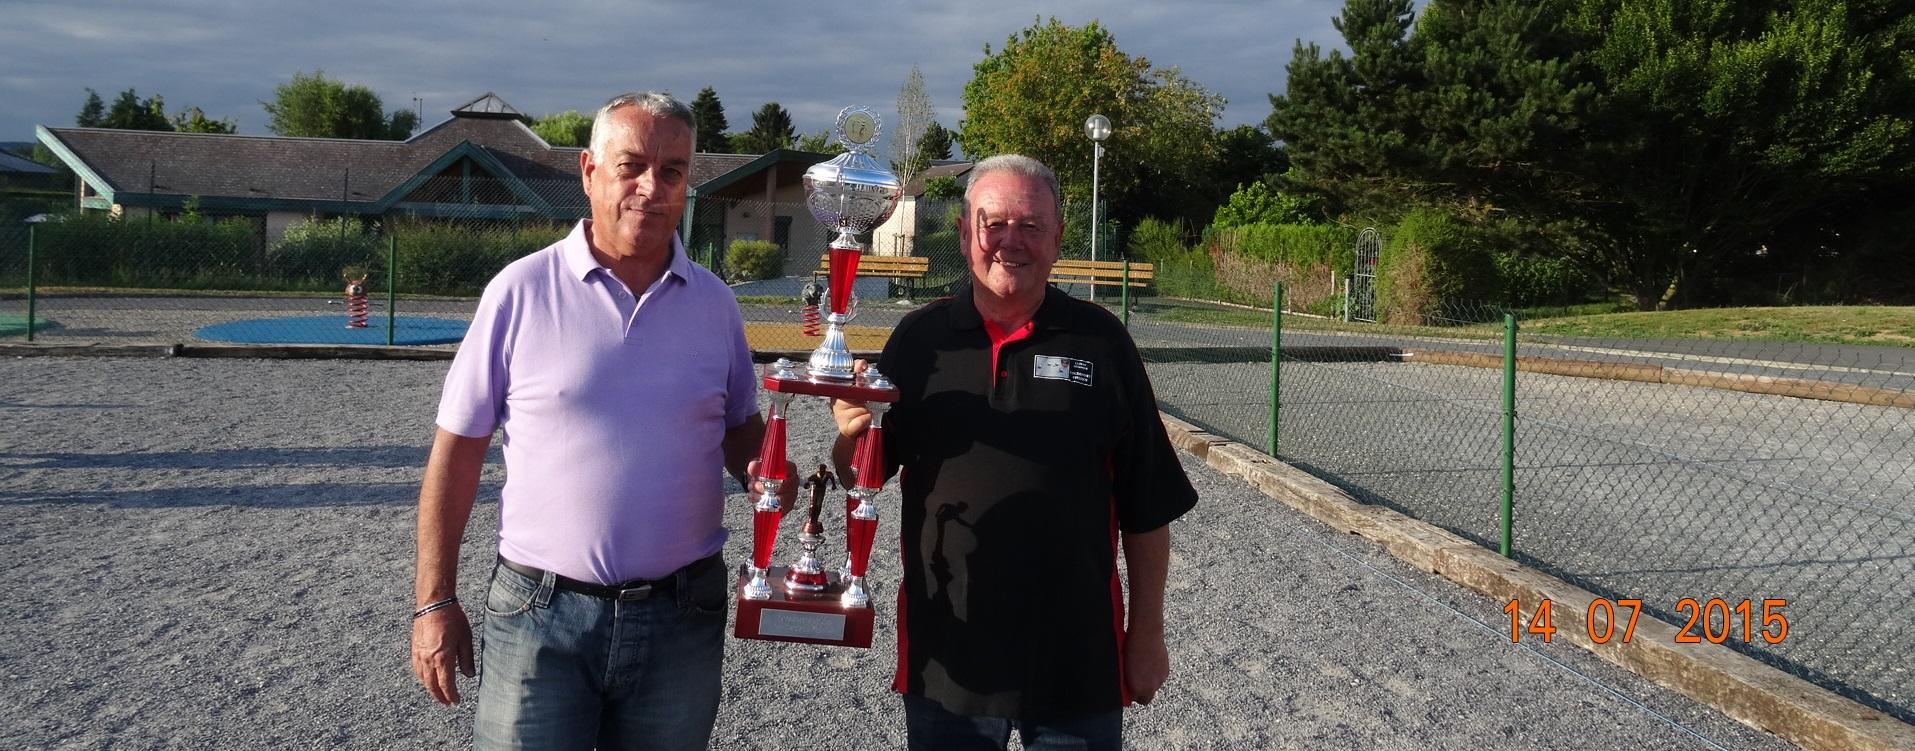 Vainqueurs Concours 14 juillet 2015 Petanque Ardennes